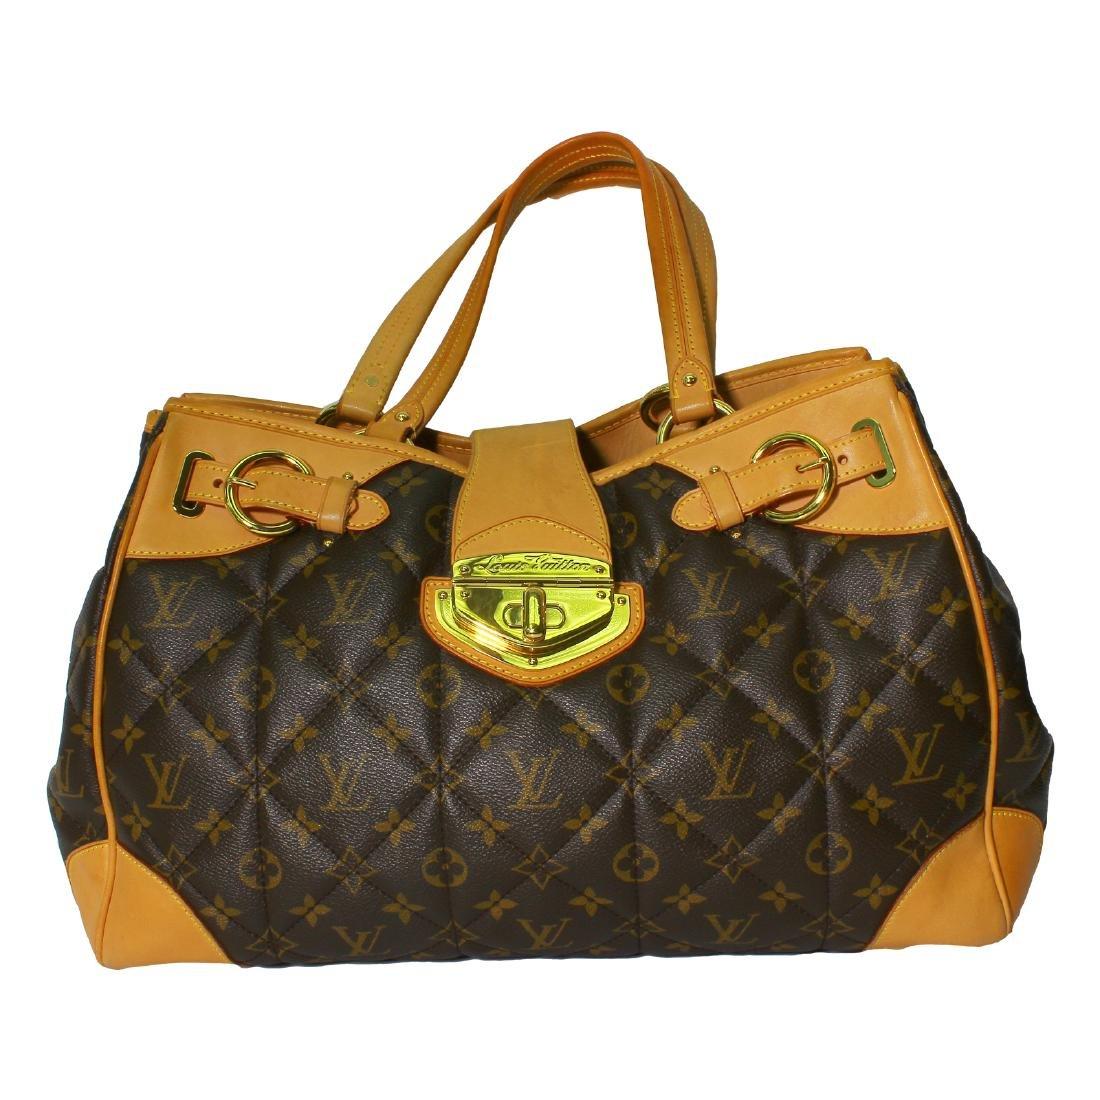 LOUIS VUITTON Monogram Canvas Etoile Handbag L400